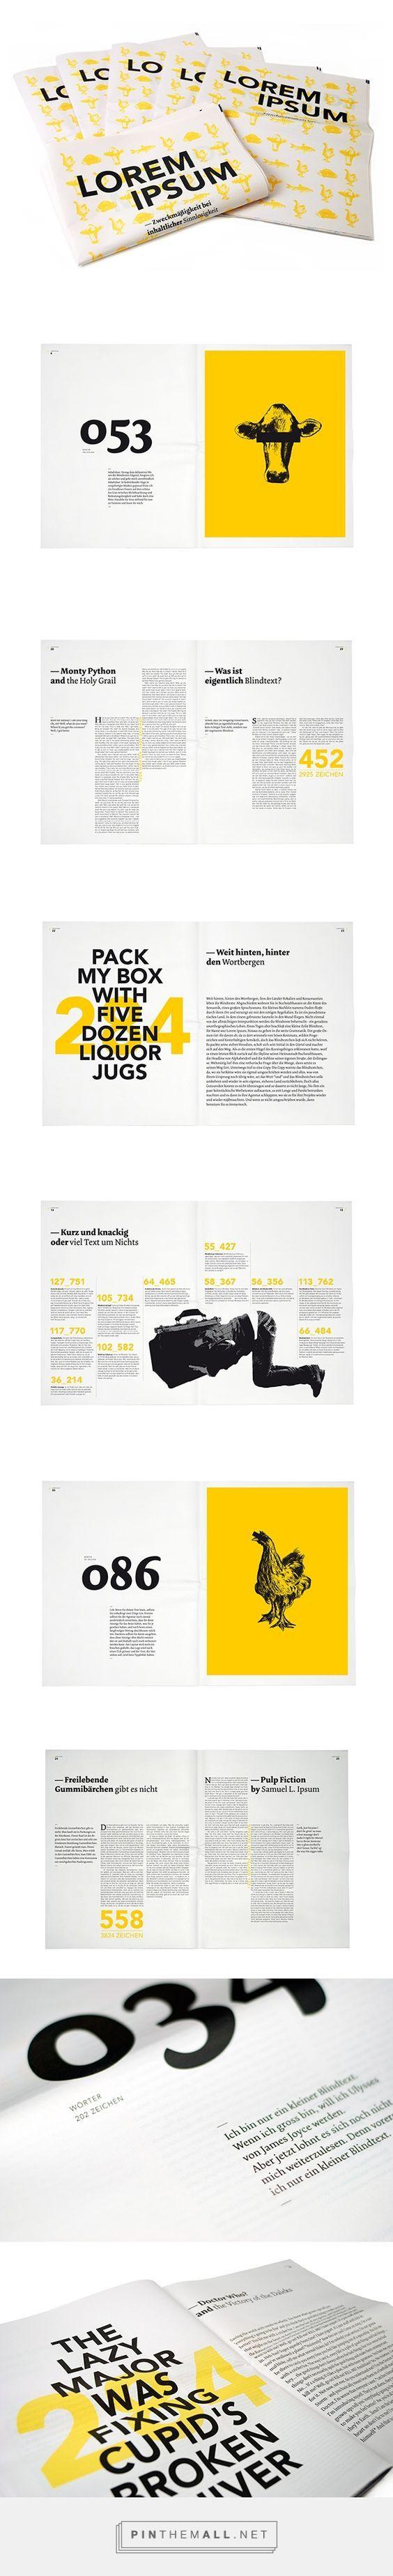 Para dar destaque a alguns elementos das páginas usa-se os títulos e subtítulos em bolde e alguns na cor amarelo. Além disso, o tamanho da fonte é maior em algumas palavras de maior hierarquia. Usa-se também o contraste entre a cor preta e a amarela.